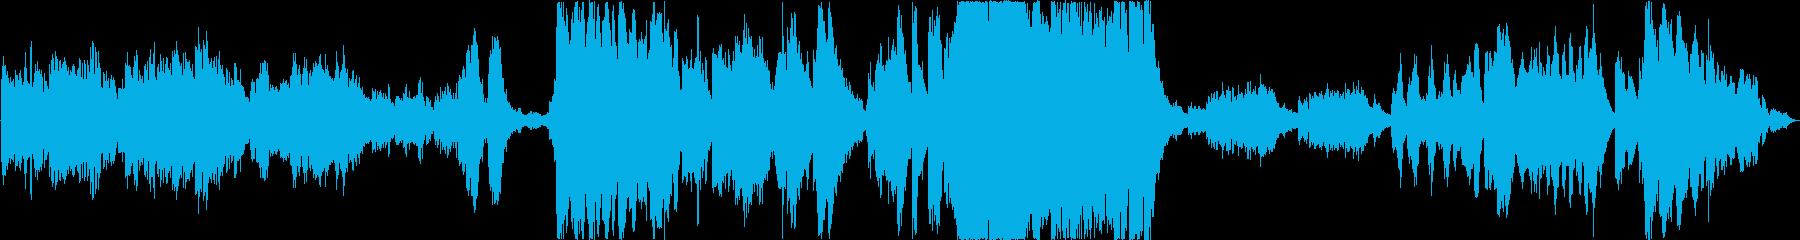 ハロウィン、映画用壮大ホラーオーケストラの再生済みの波形